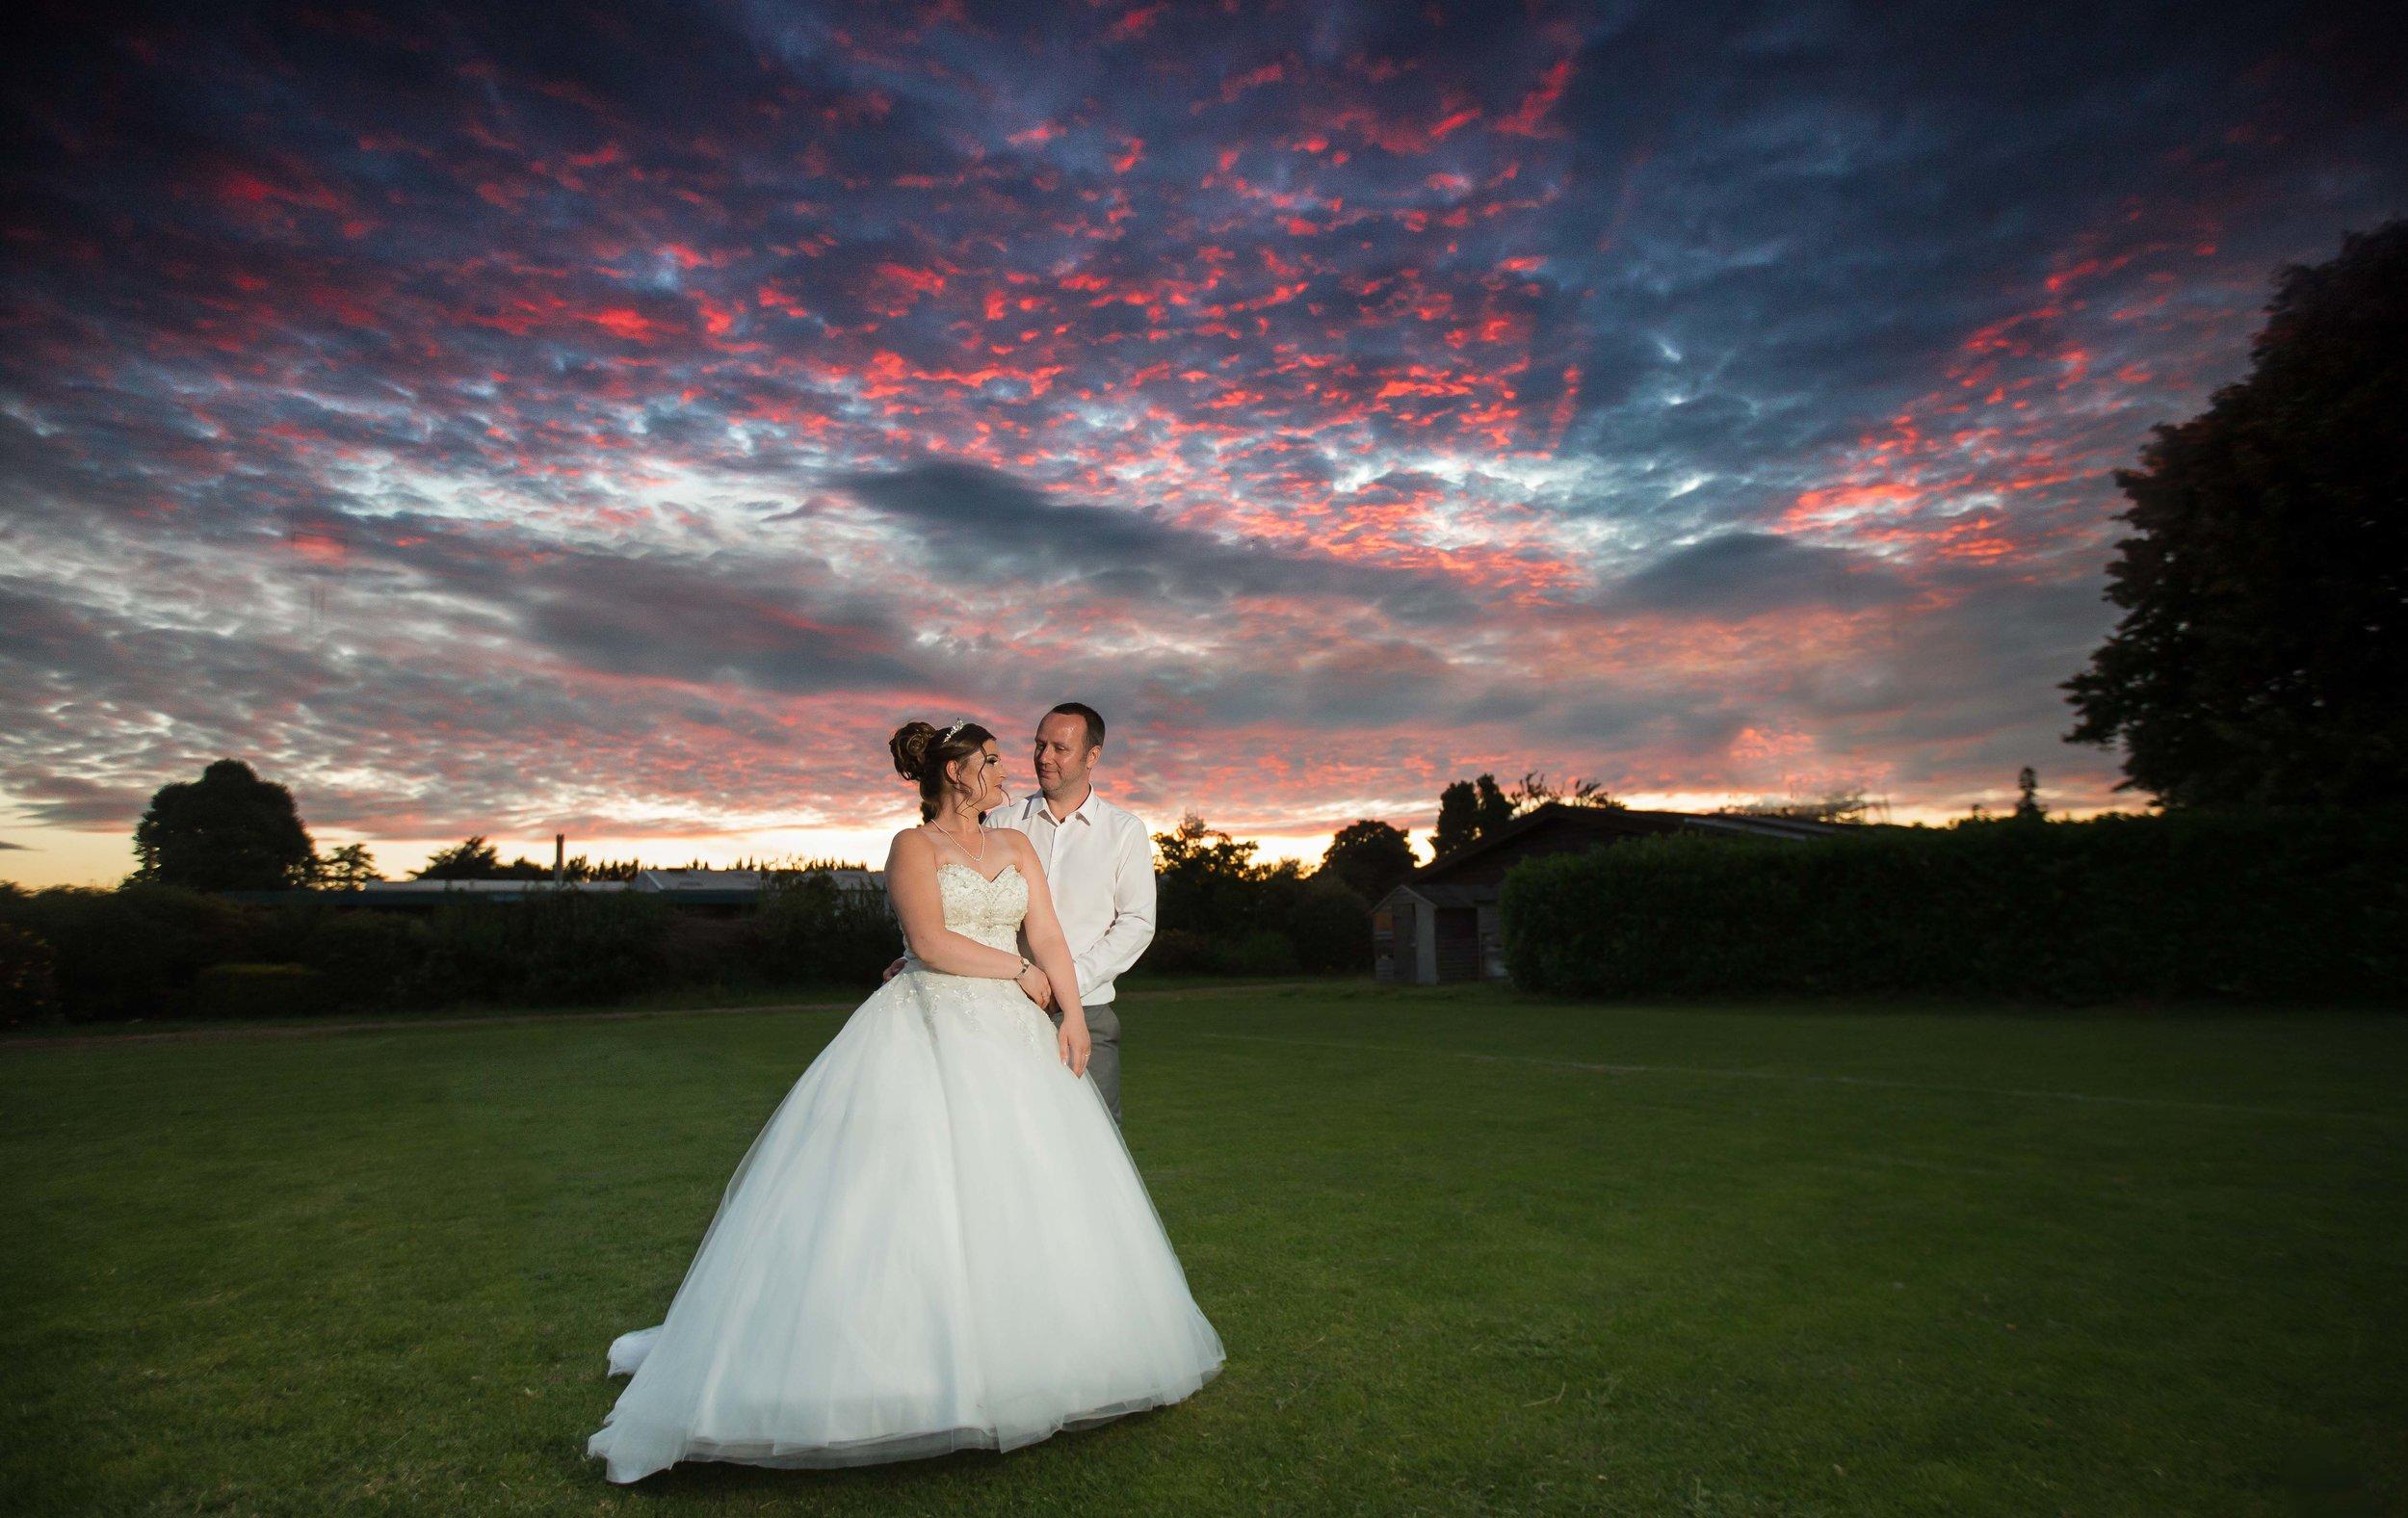 HamptonCourt-Wedding-Weybridge-Surrey-London-OatlandsParkHotel-49